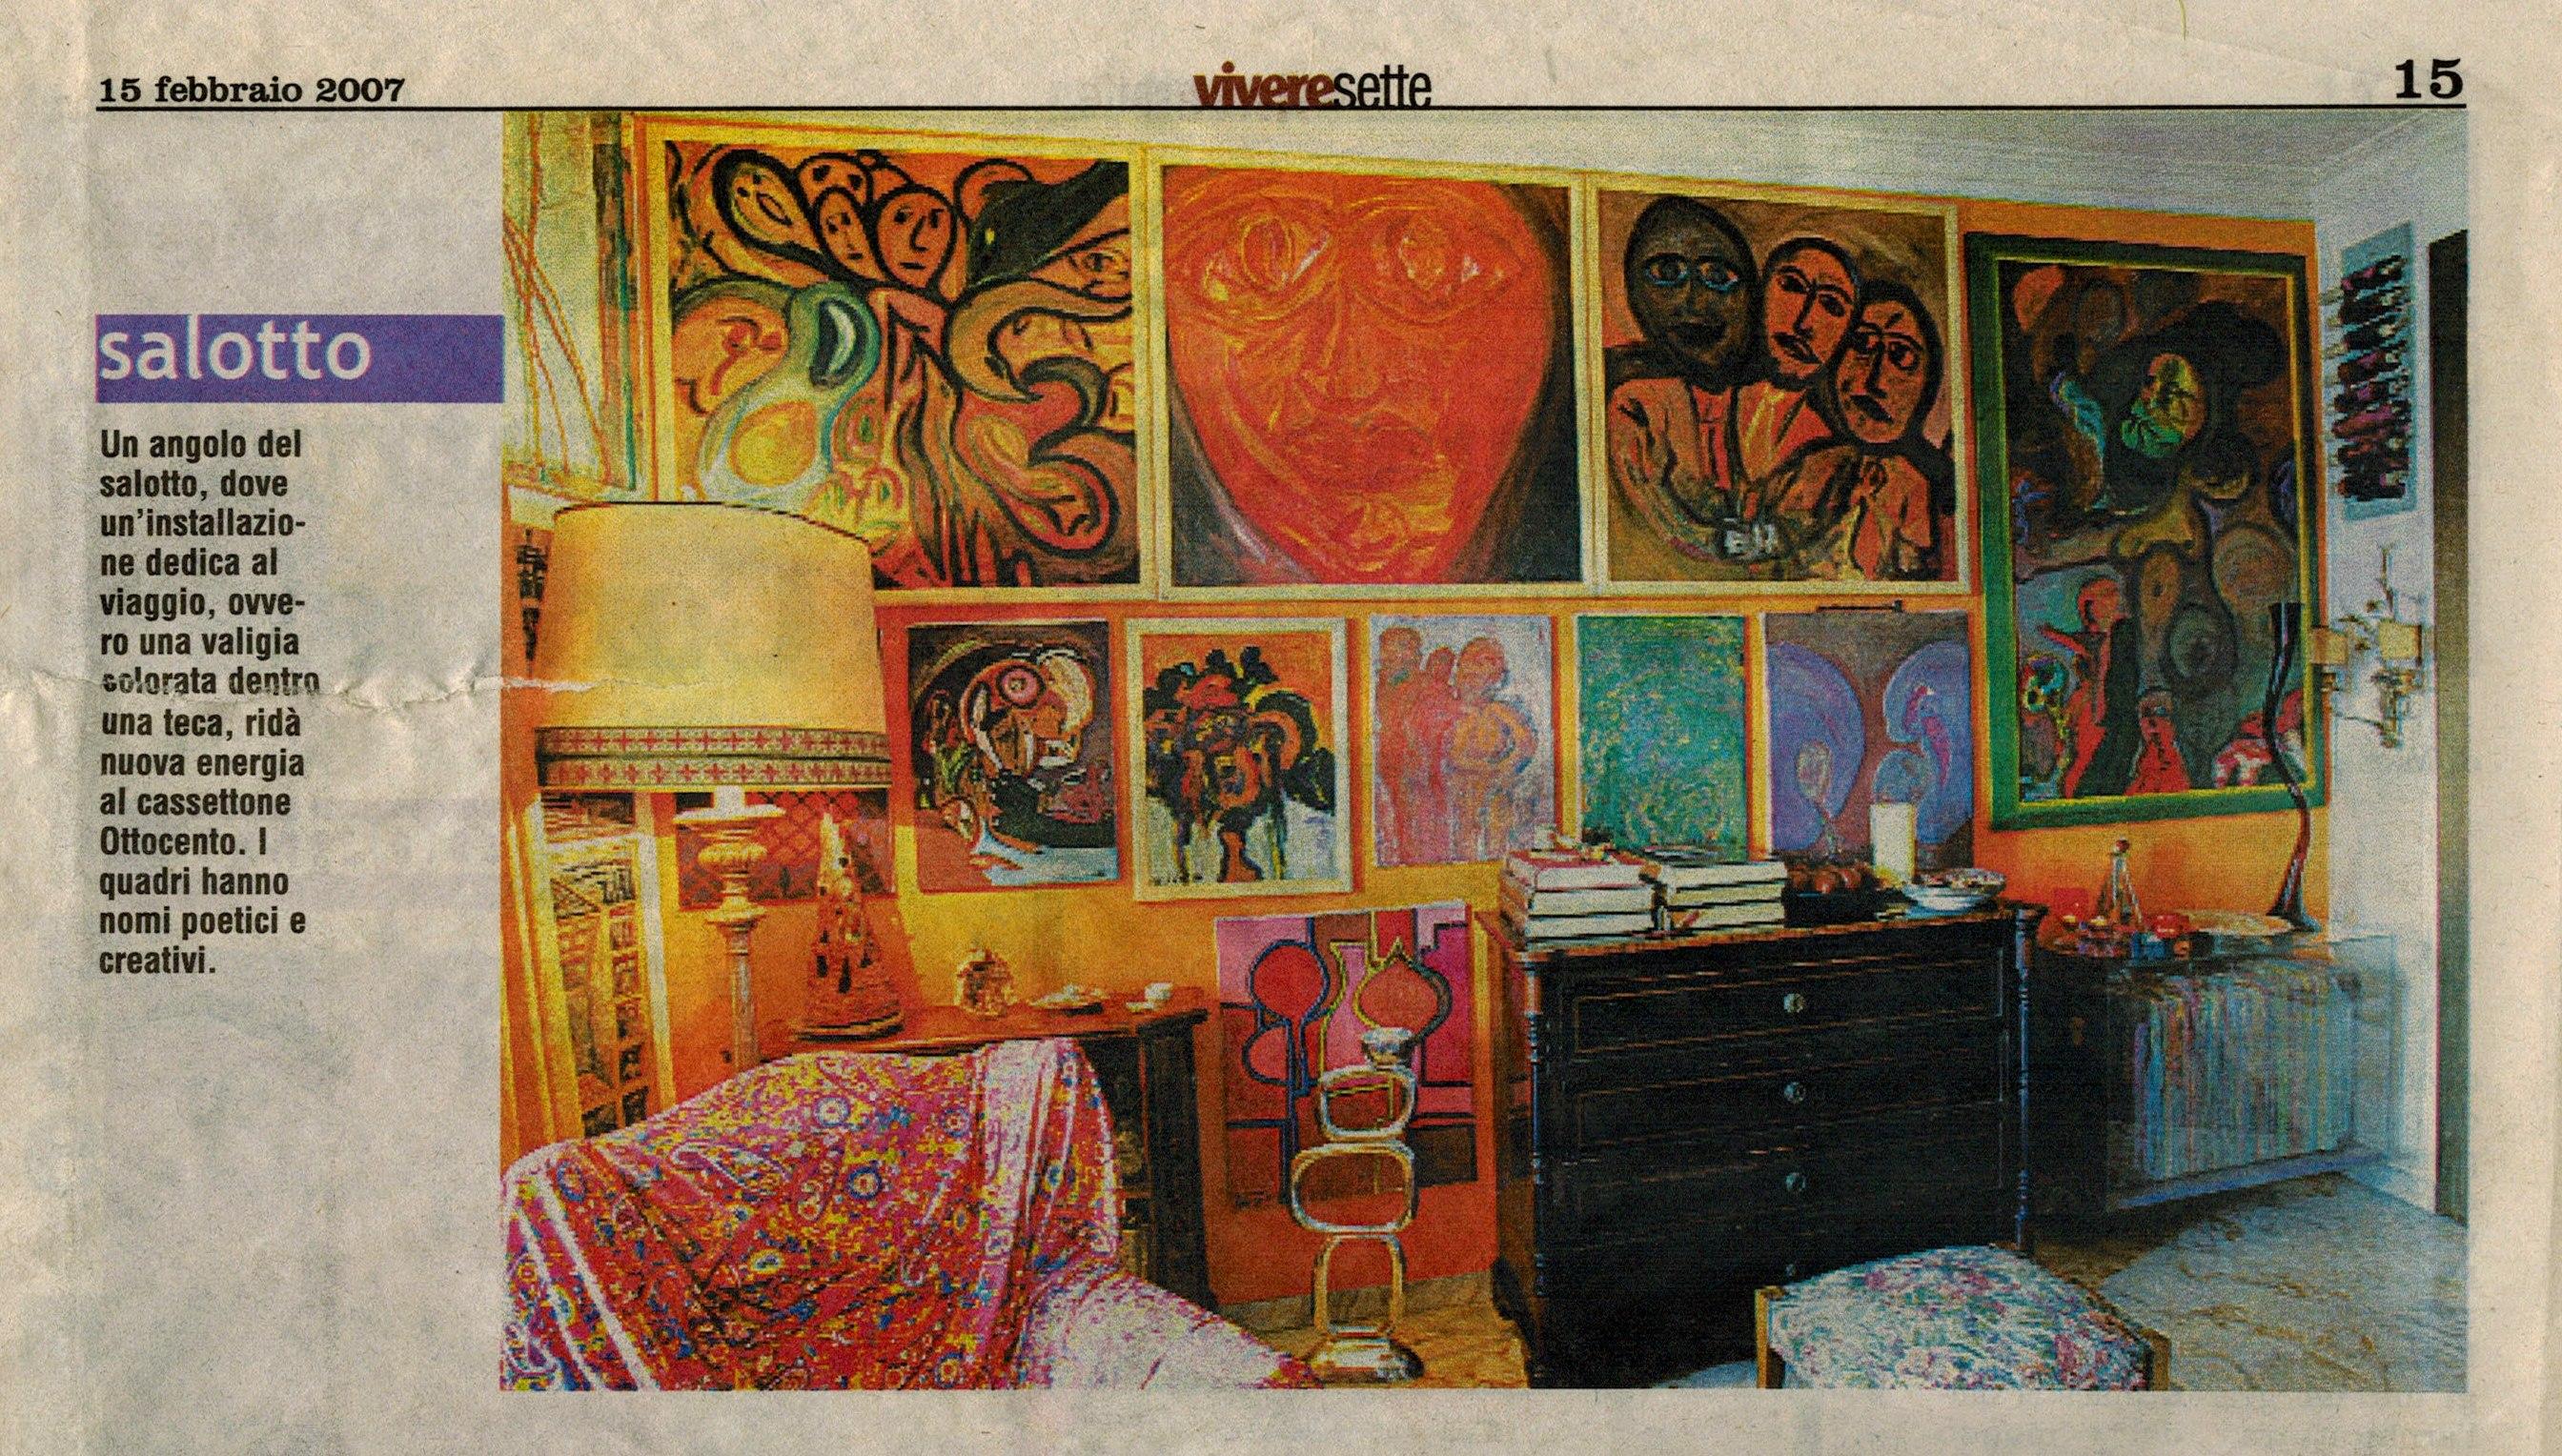 vivere sette magazine - le impronte dell'anima